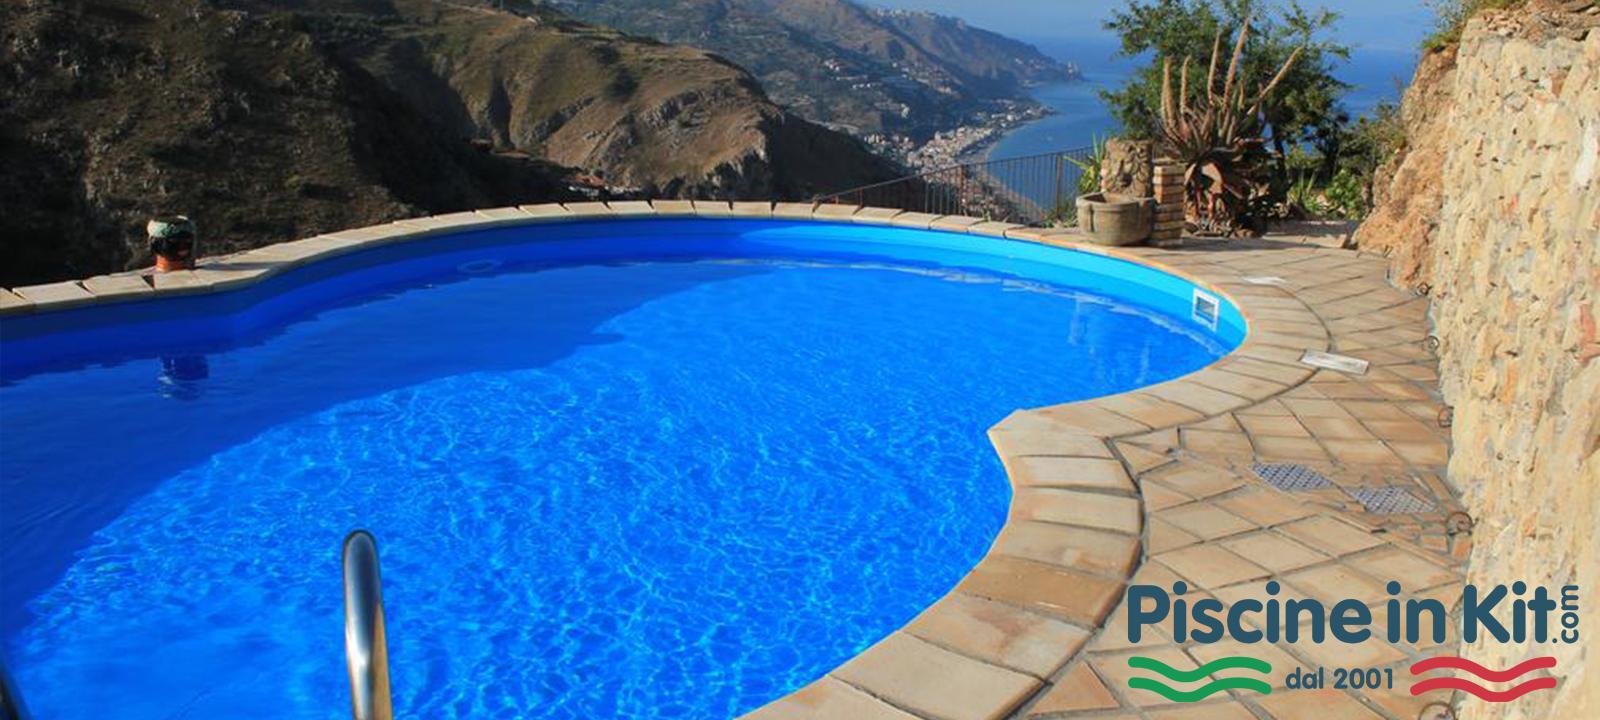 Vendita Piscine A Catania costruzione piscine ovali e forma di otto - piscine in kit